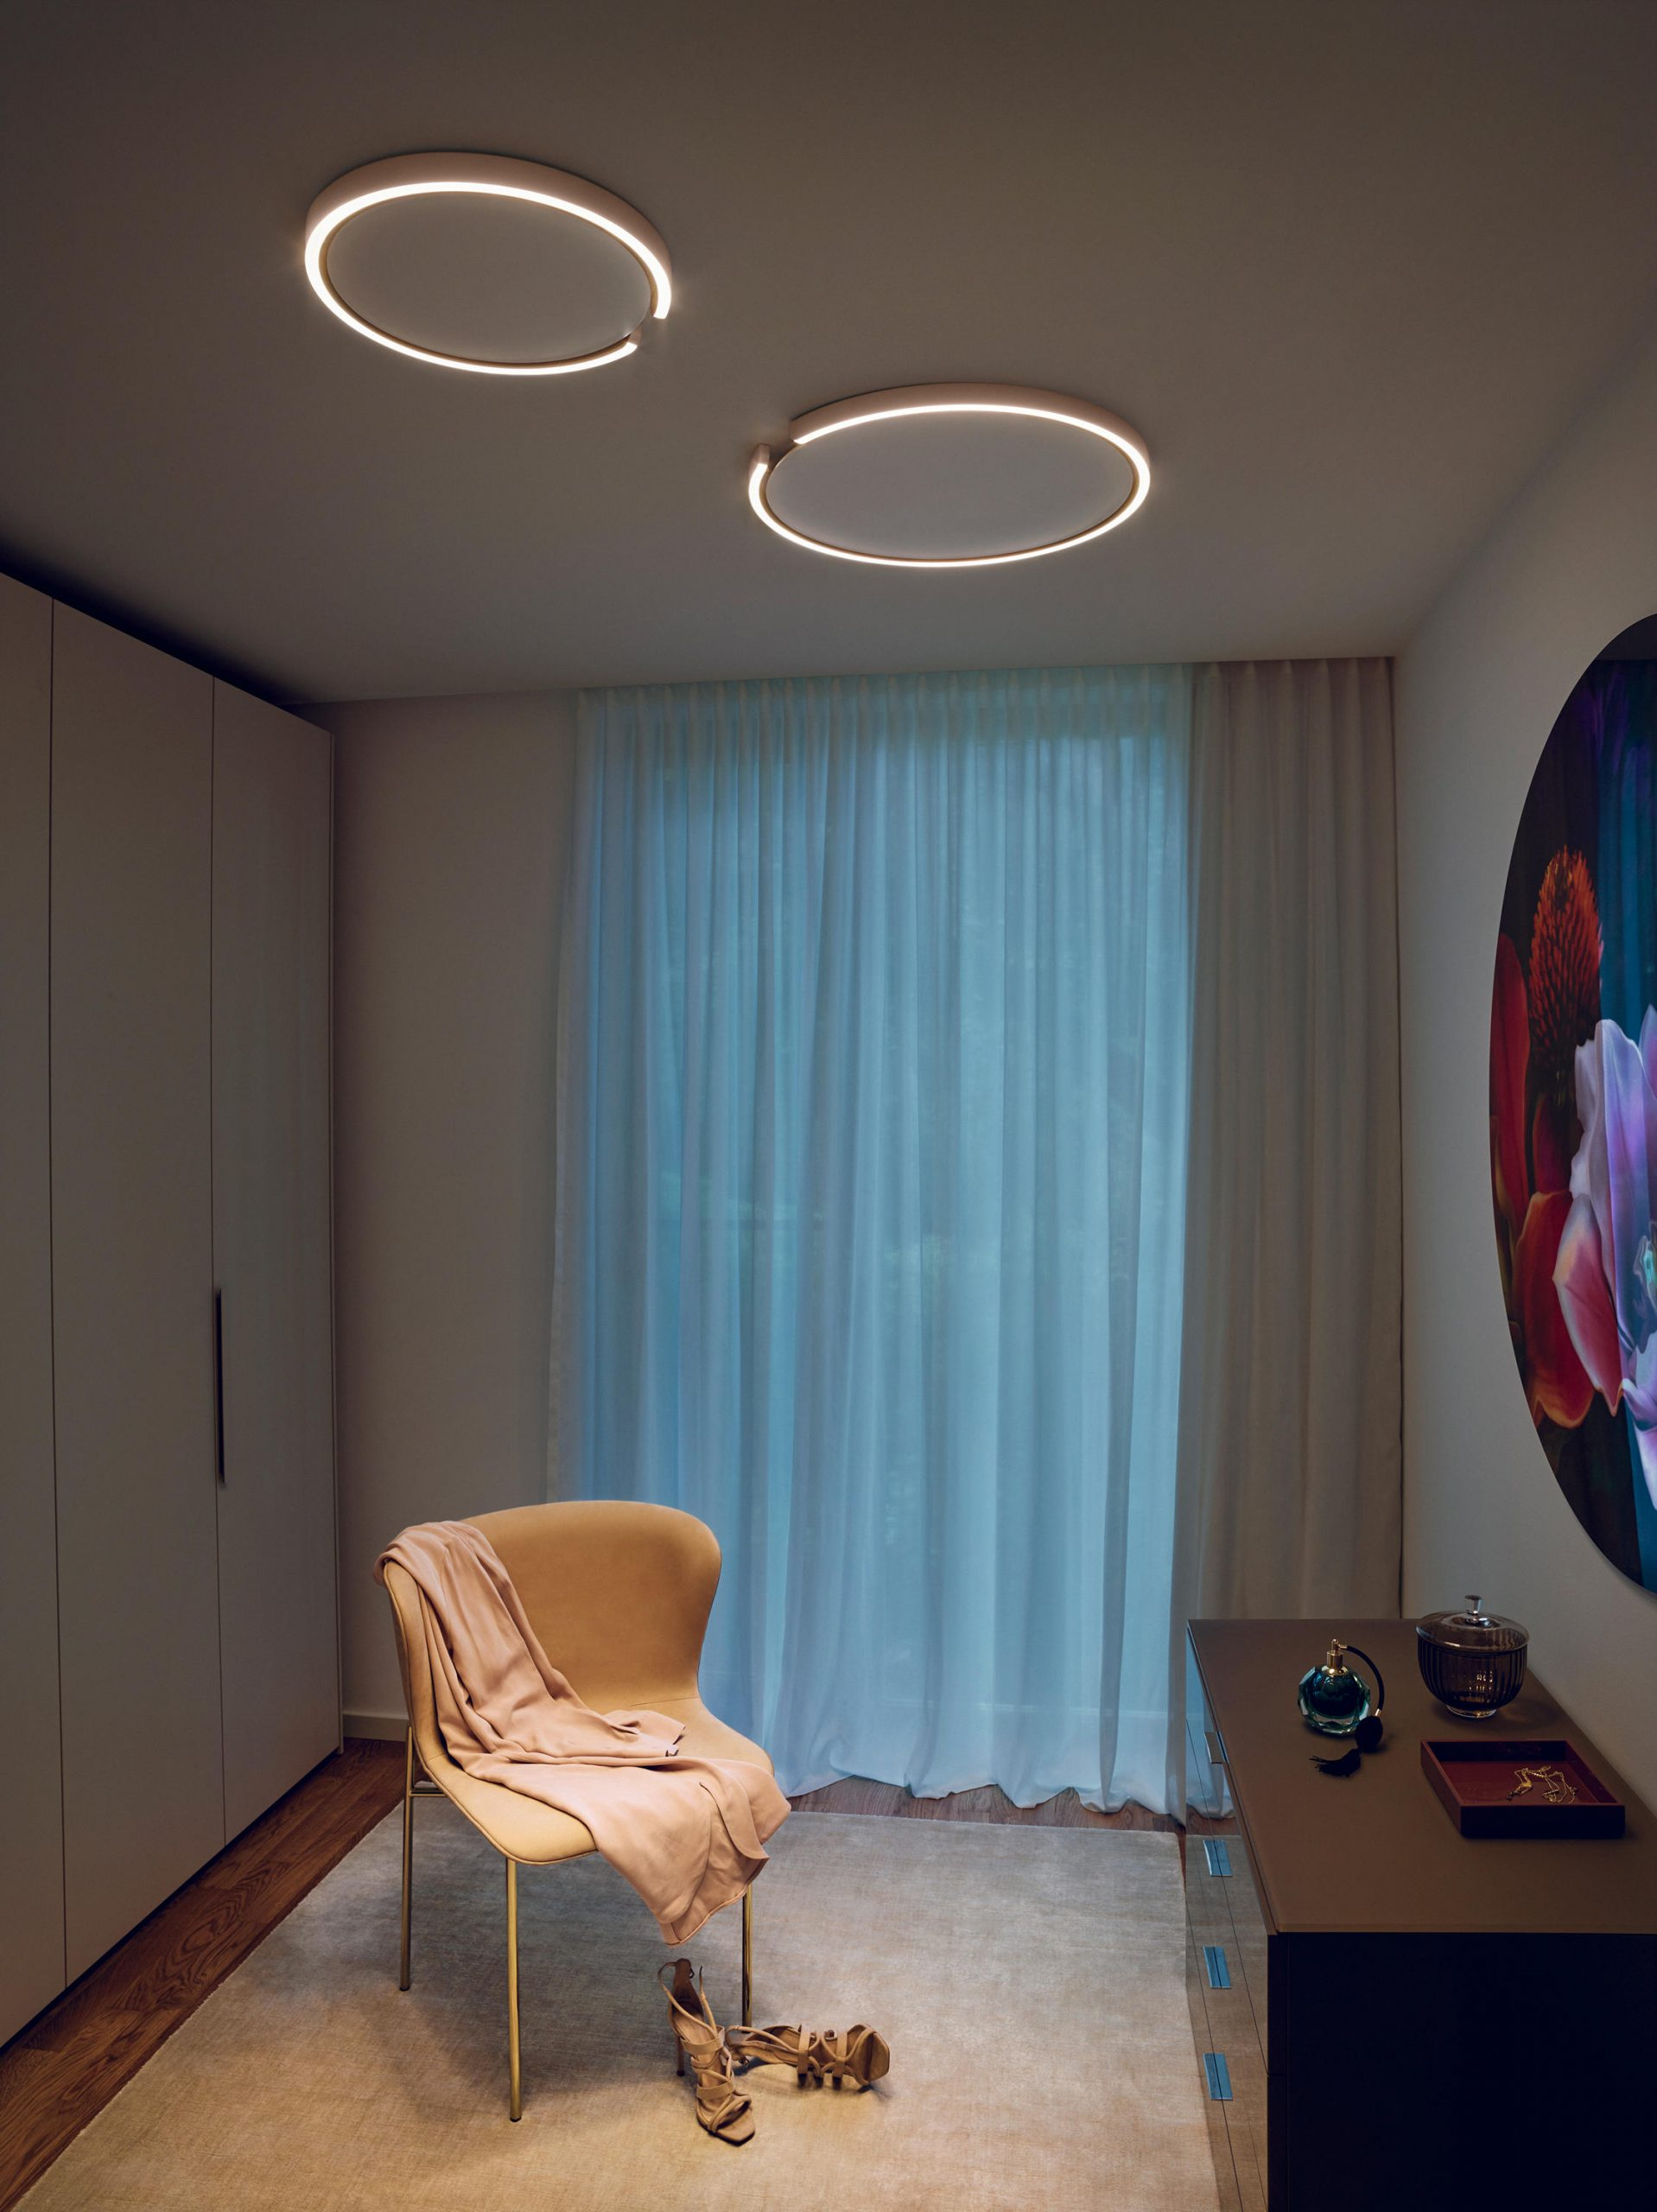 Mito Lamp by Occhio